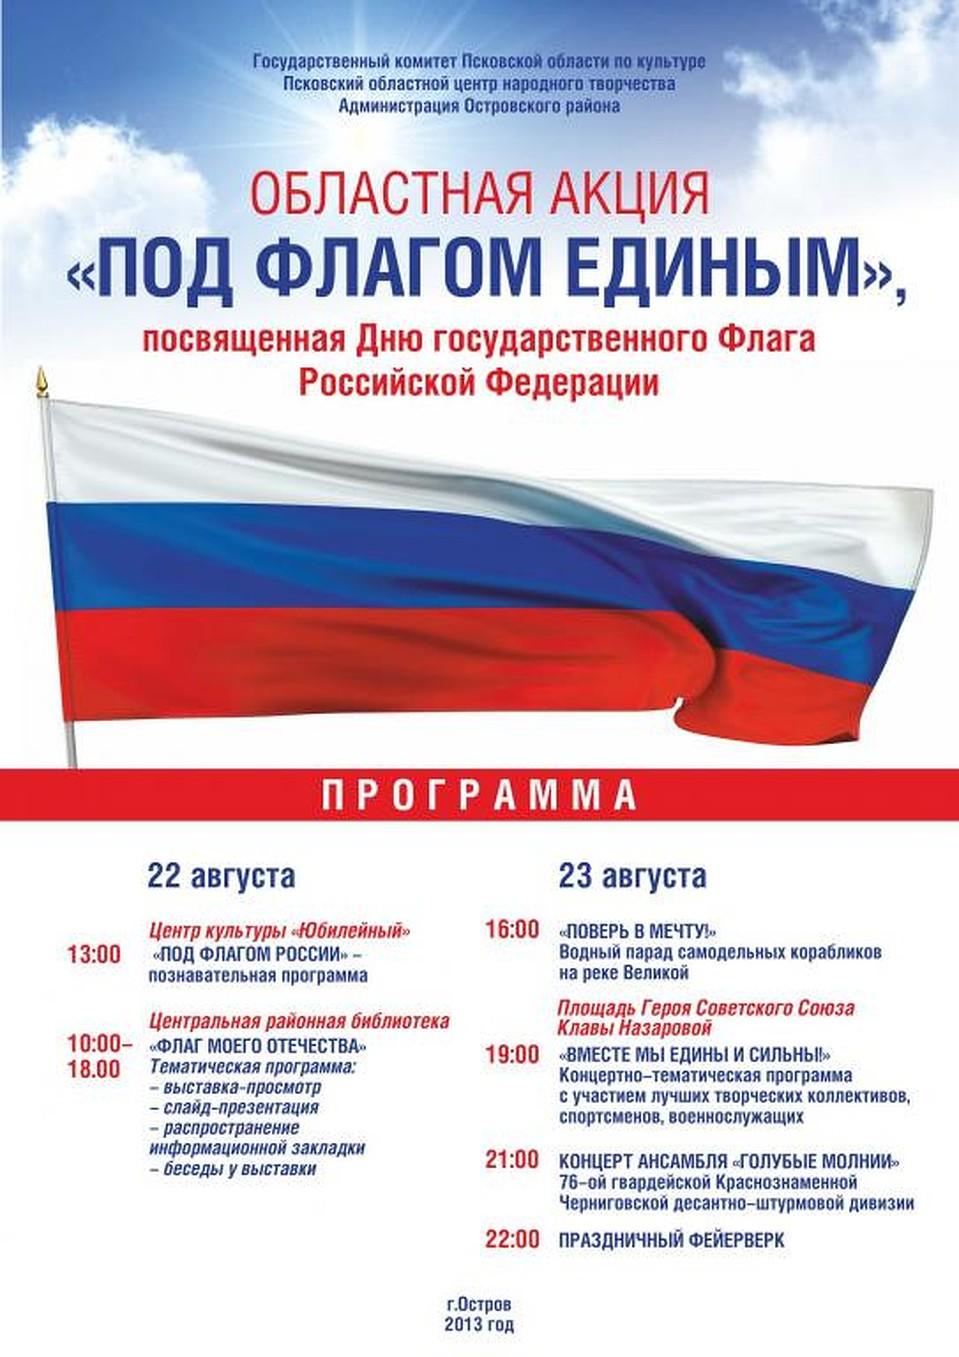 год, день гос флага россии мероприятия решила